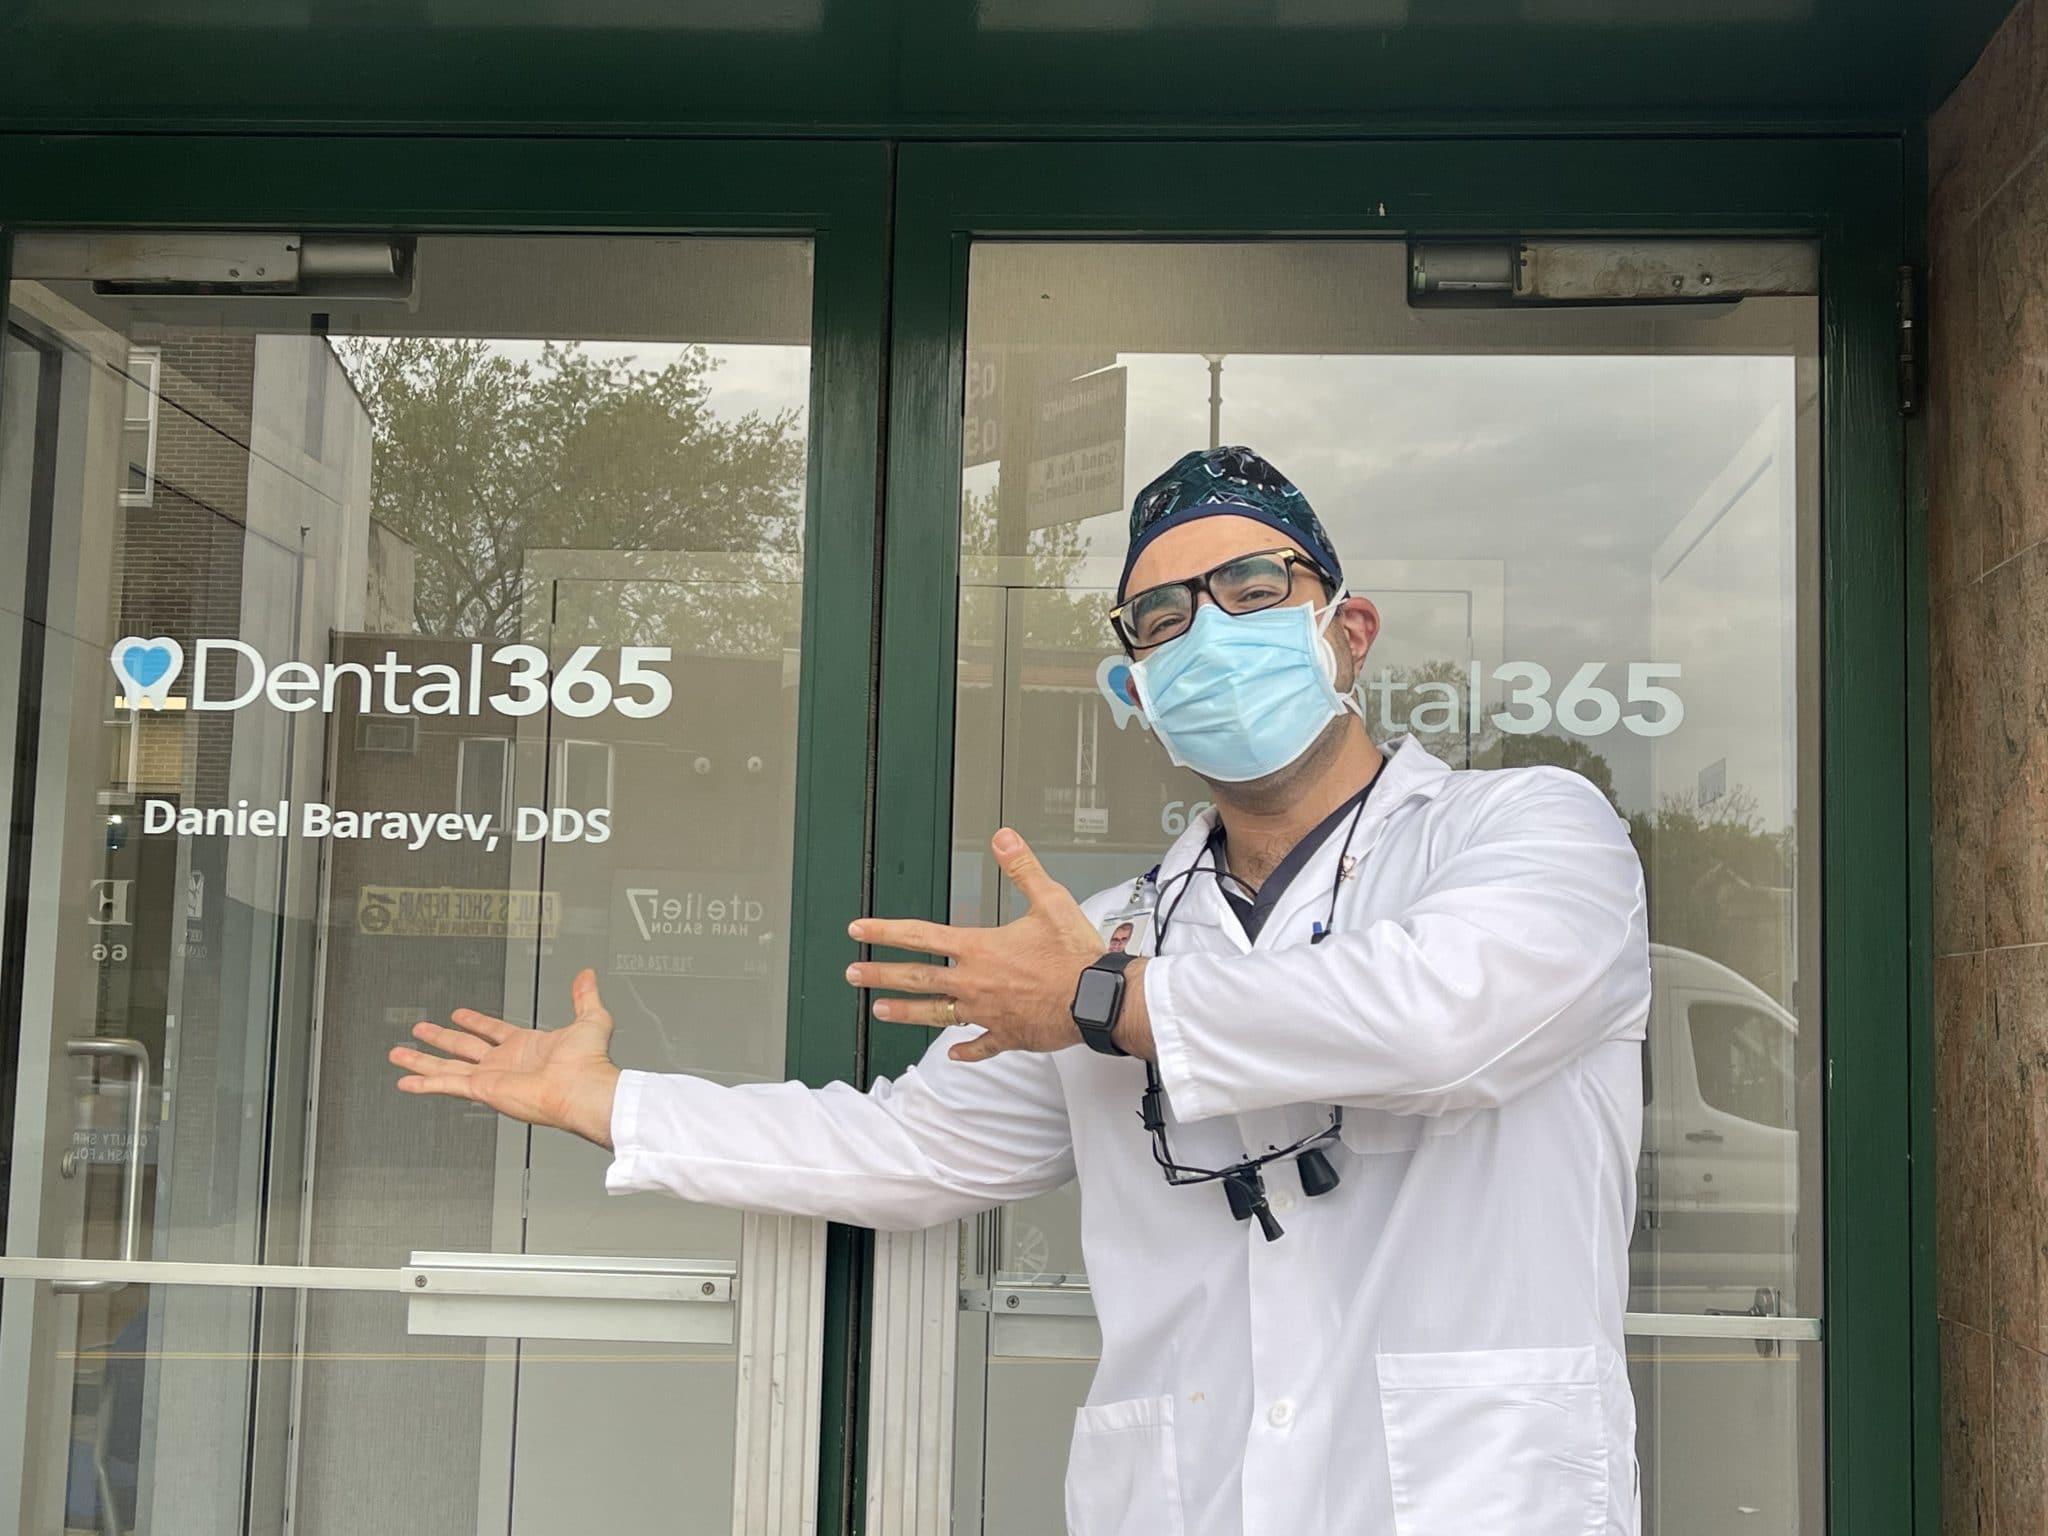 Dental365 Staff Members